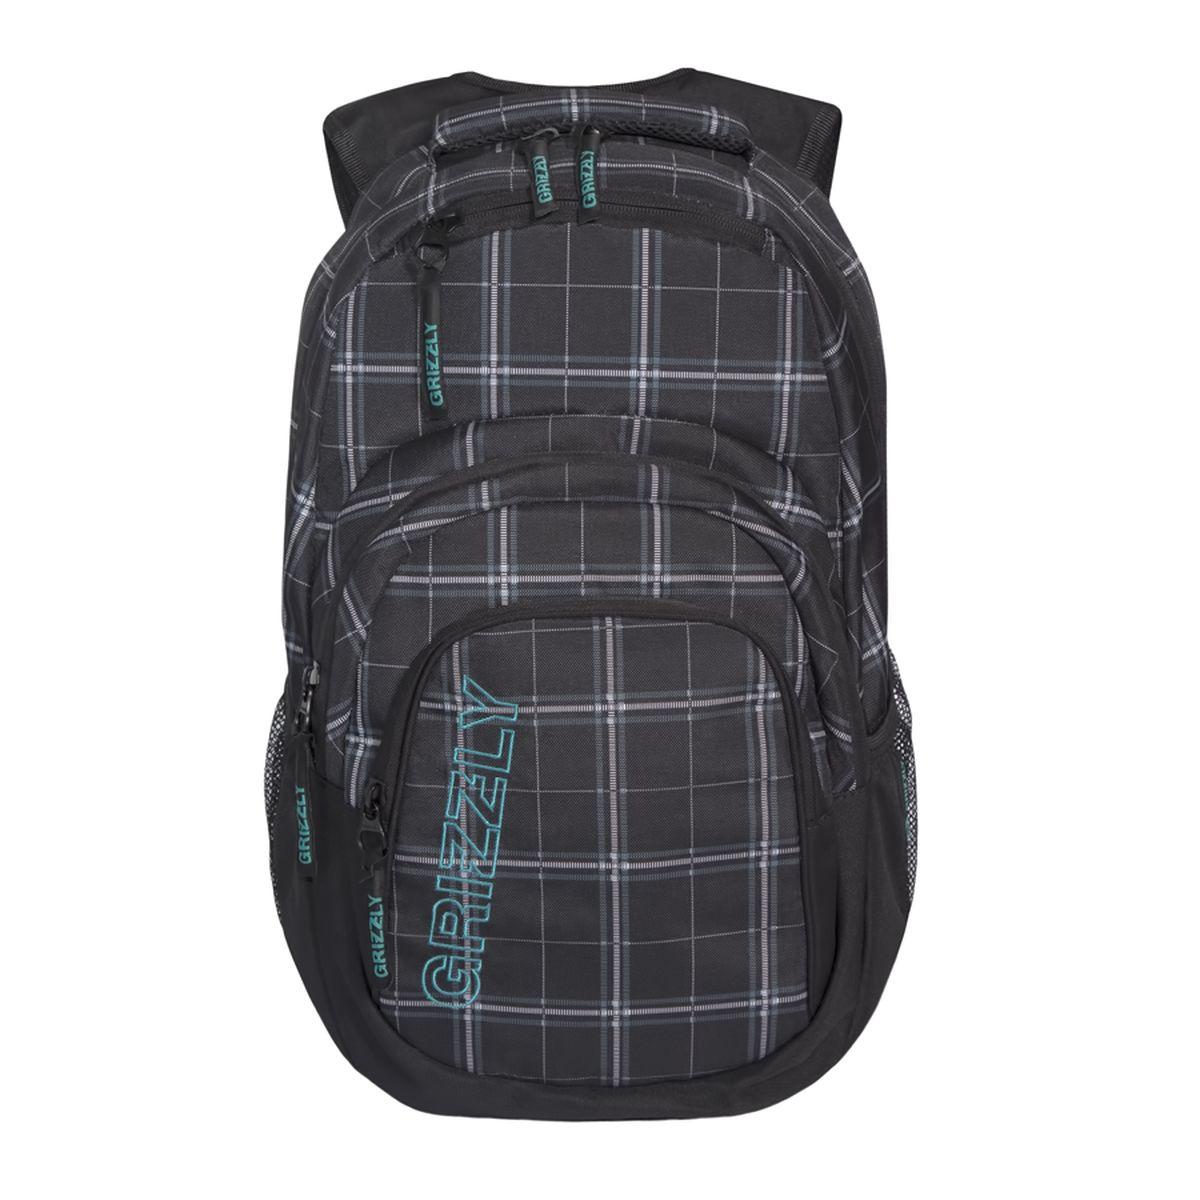 Рюкзак молодежный Grizzly, цвет: черный, серый, белый. 32 л. RU-704-2/3RU-704-2/3Рюкзак молодежный, одно отделение, карман на молнии на передней стенке, объемный карман на молнии на передней стенке, боковые карманы из сетки, внутренний составной пенал-органайзер, внутренний укрепленный карман для ноутбука, укрепленная спинка, карман быстрого доступа в верхней части рюкзака, мягкая укрепленная ручка, нагрудная стяжка-фиксатор, укрепленные лямки